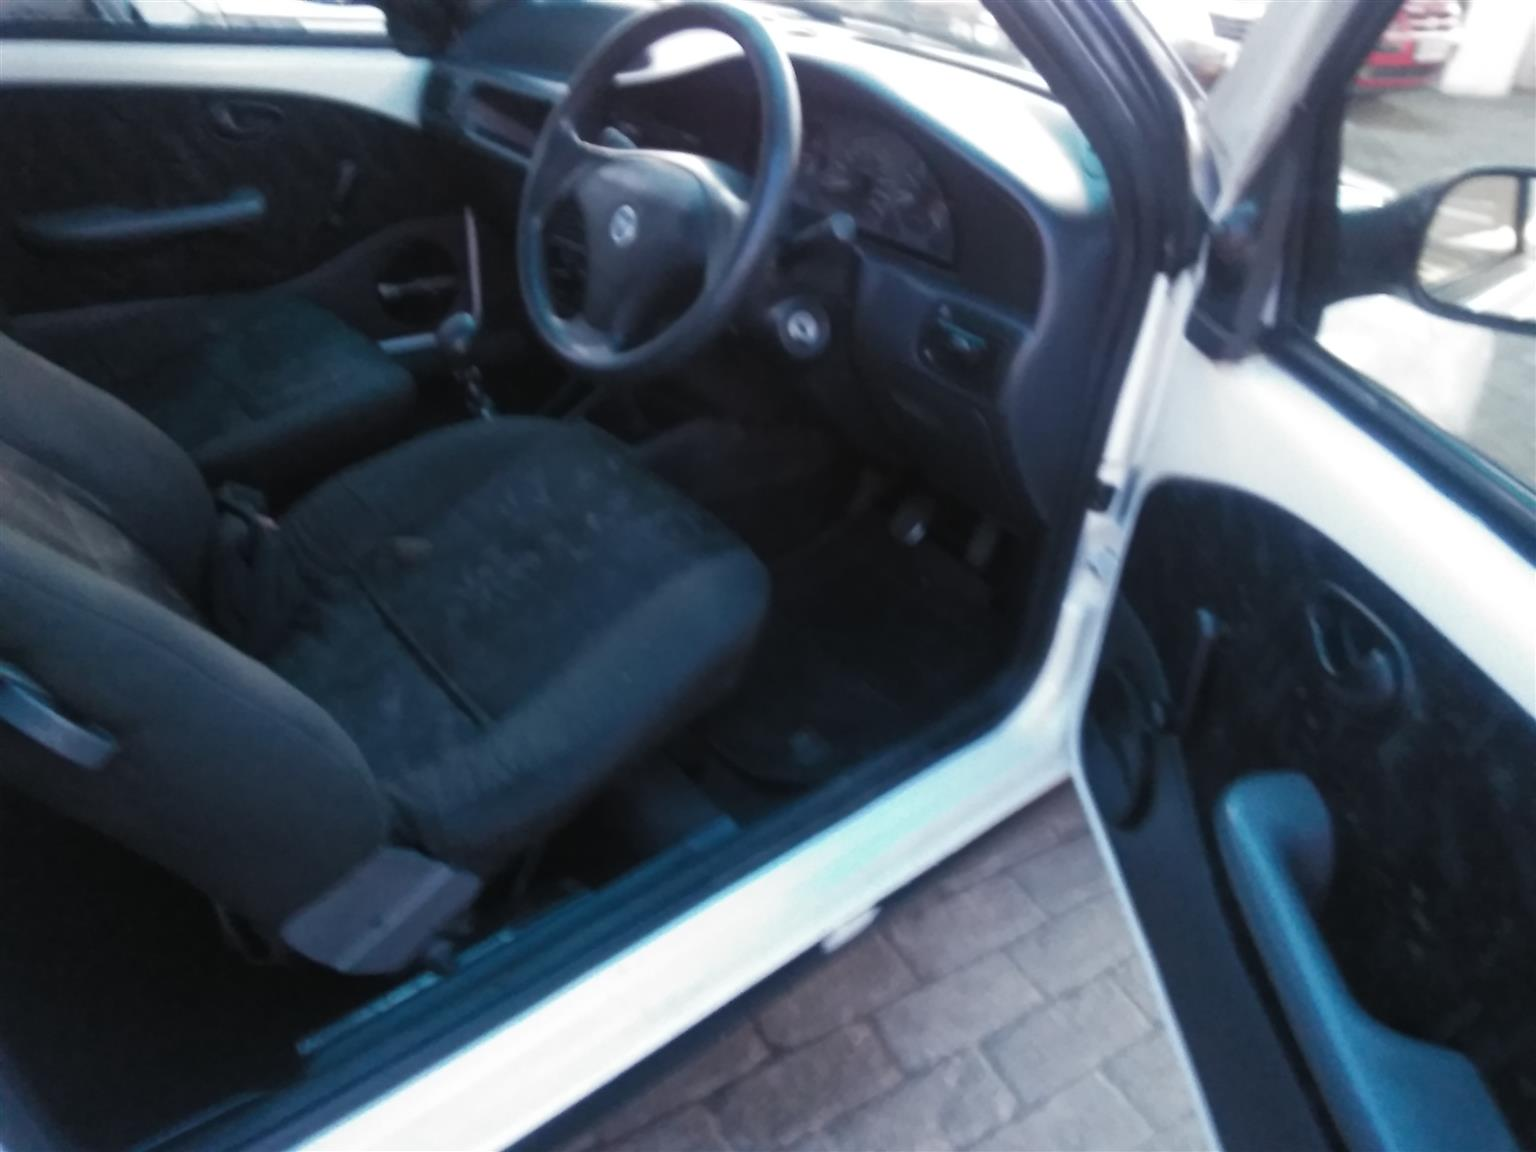 2006 Fiat Palio 1.2 3 door Go!